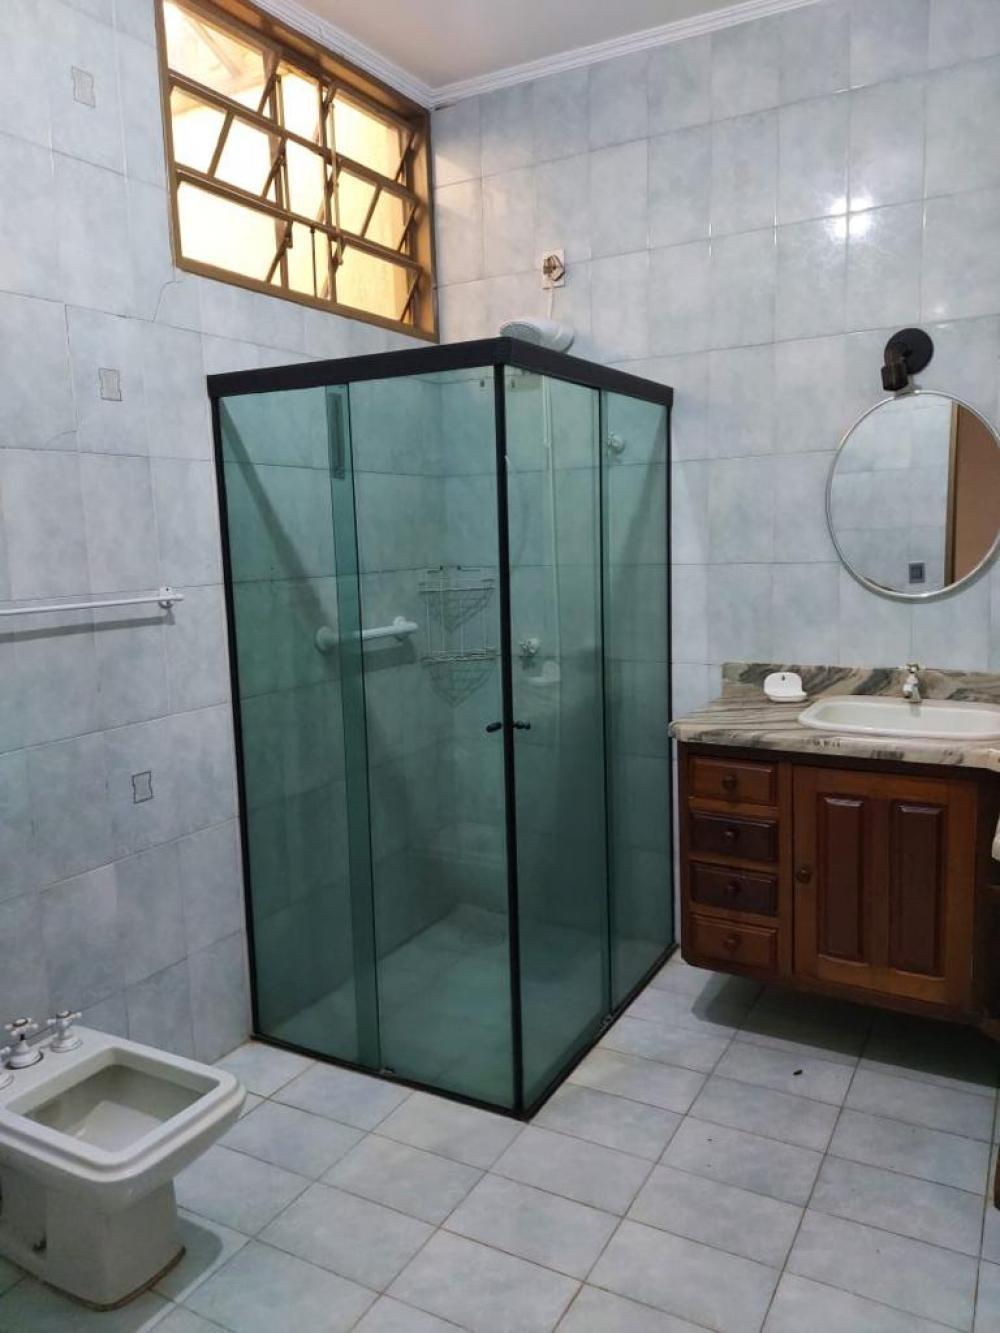 Alugar Comercial / Imóvel Comercial em Ribeirão Preto R$ 6.000,00 - Foto 18